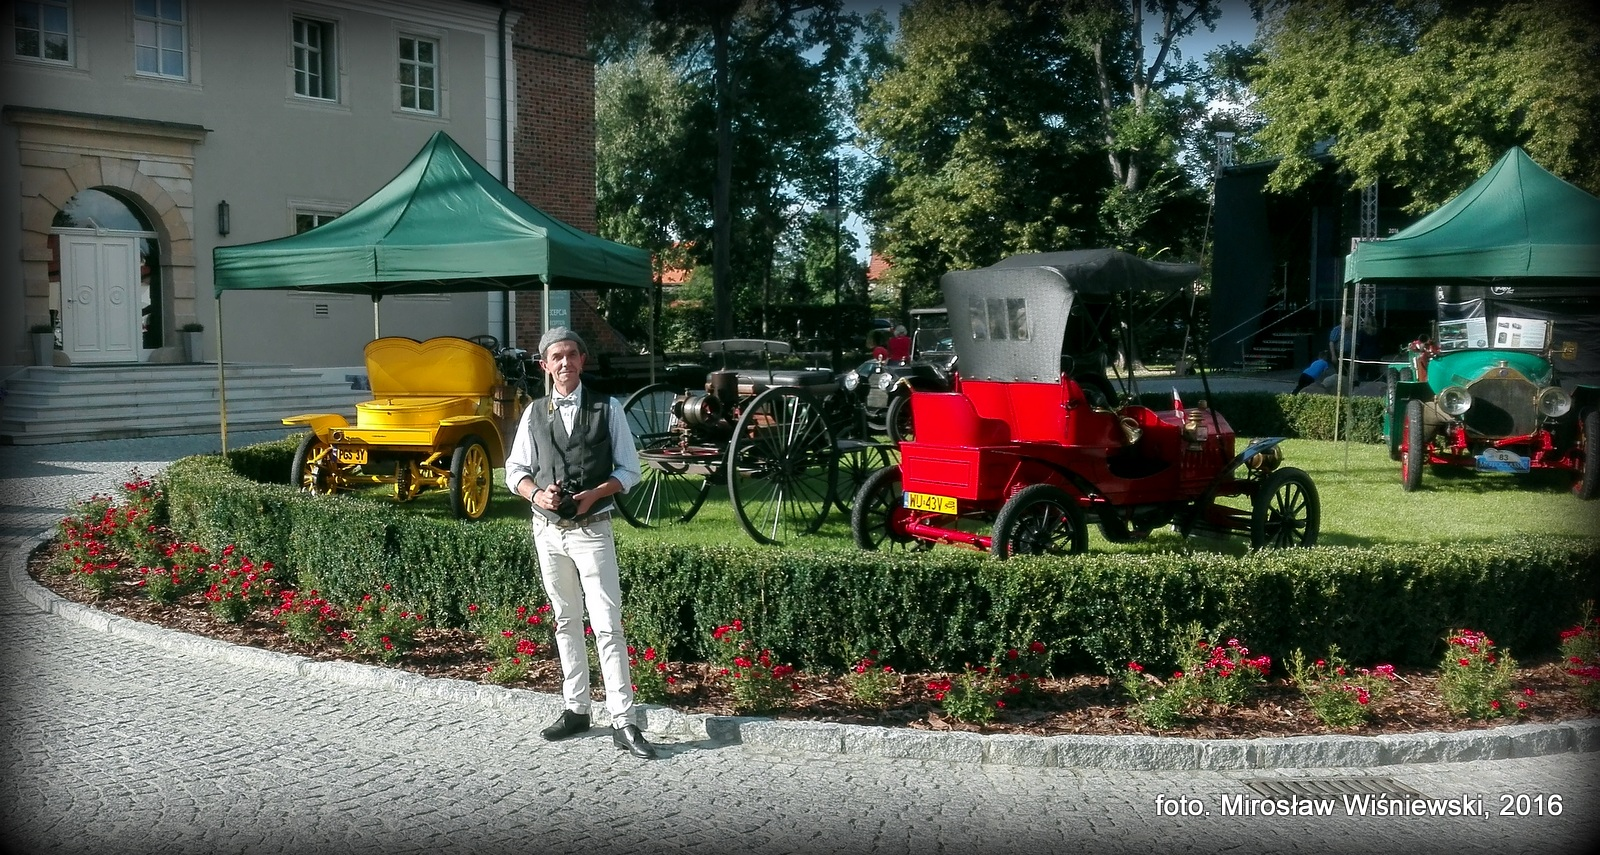 Mirosław Wiśniewski Fotografia. MotoClassic Wrocław 2016